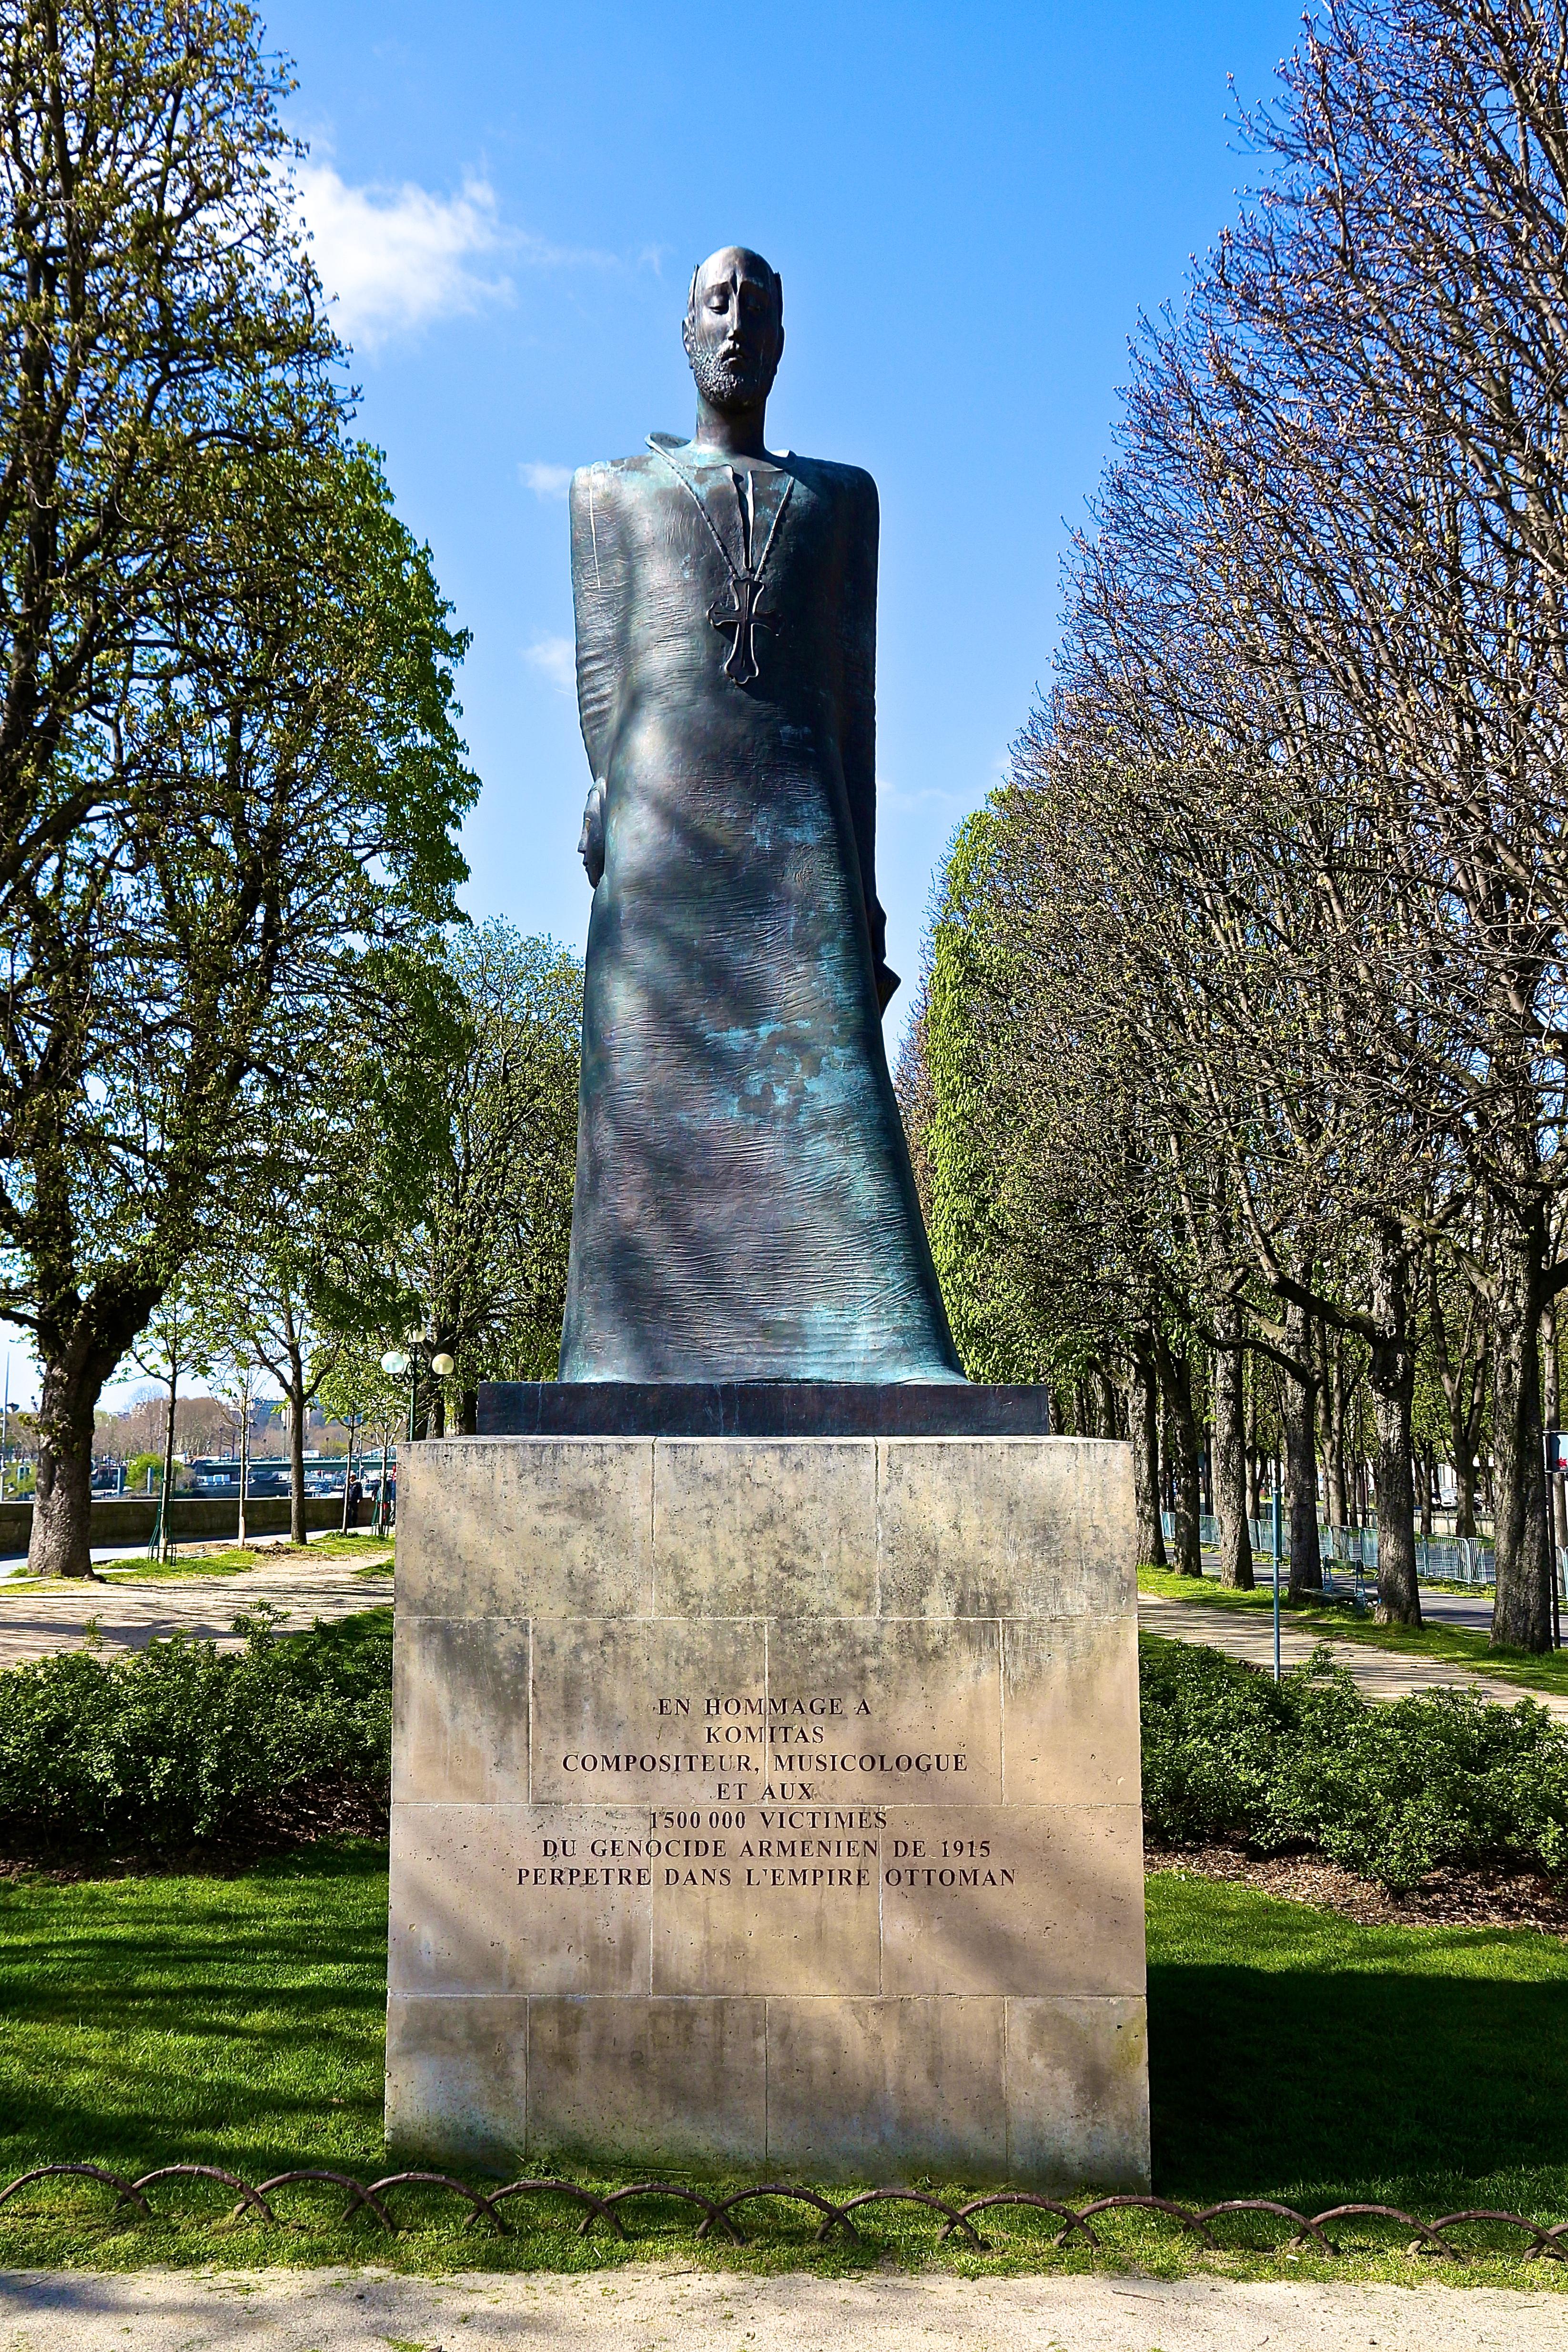 le monument à Komitas